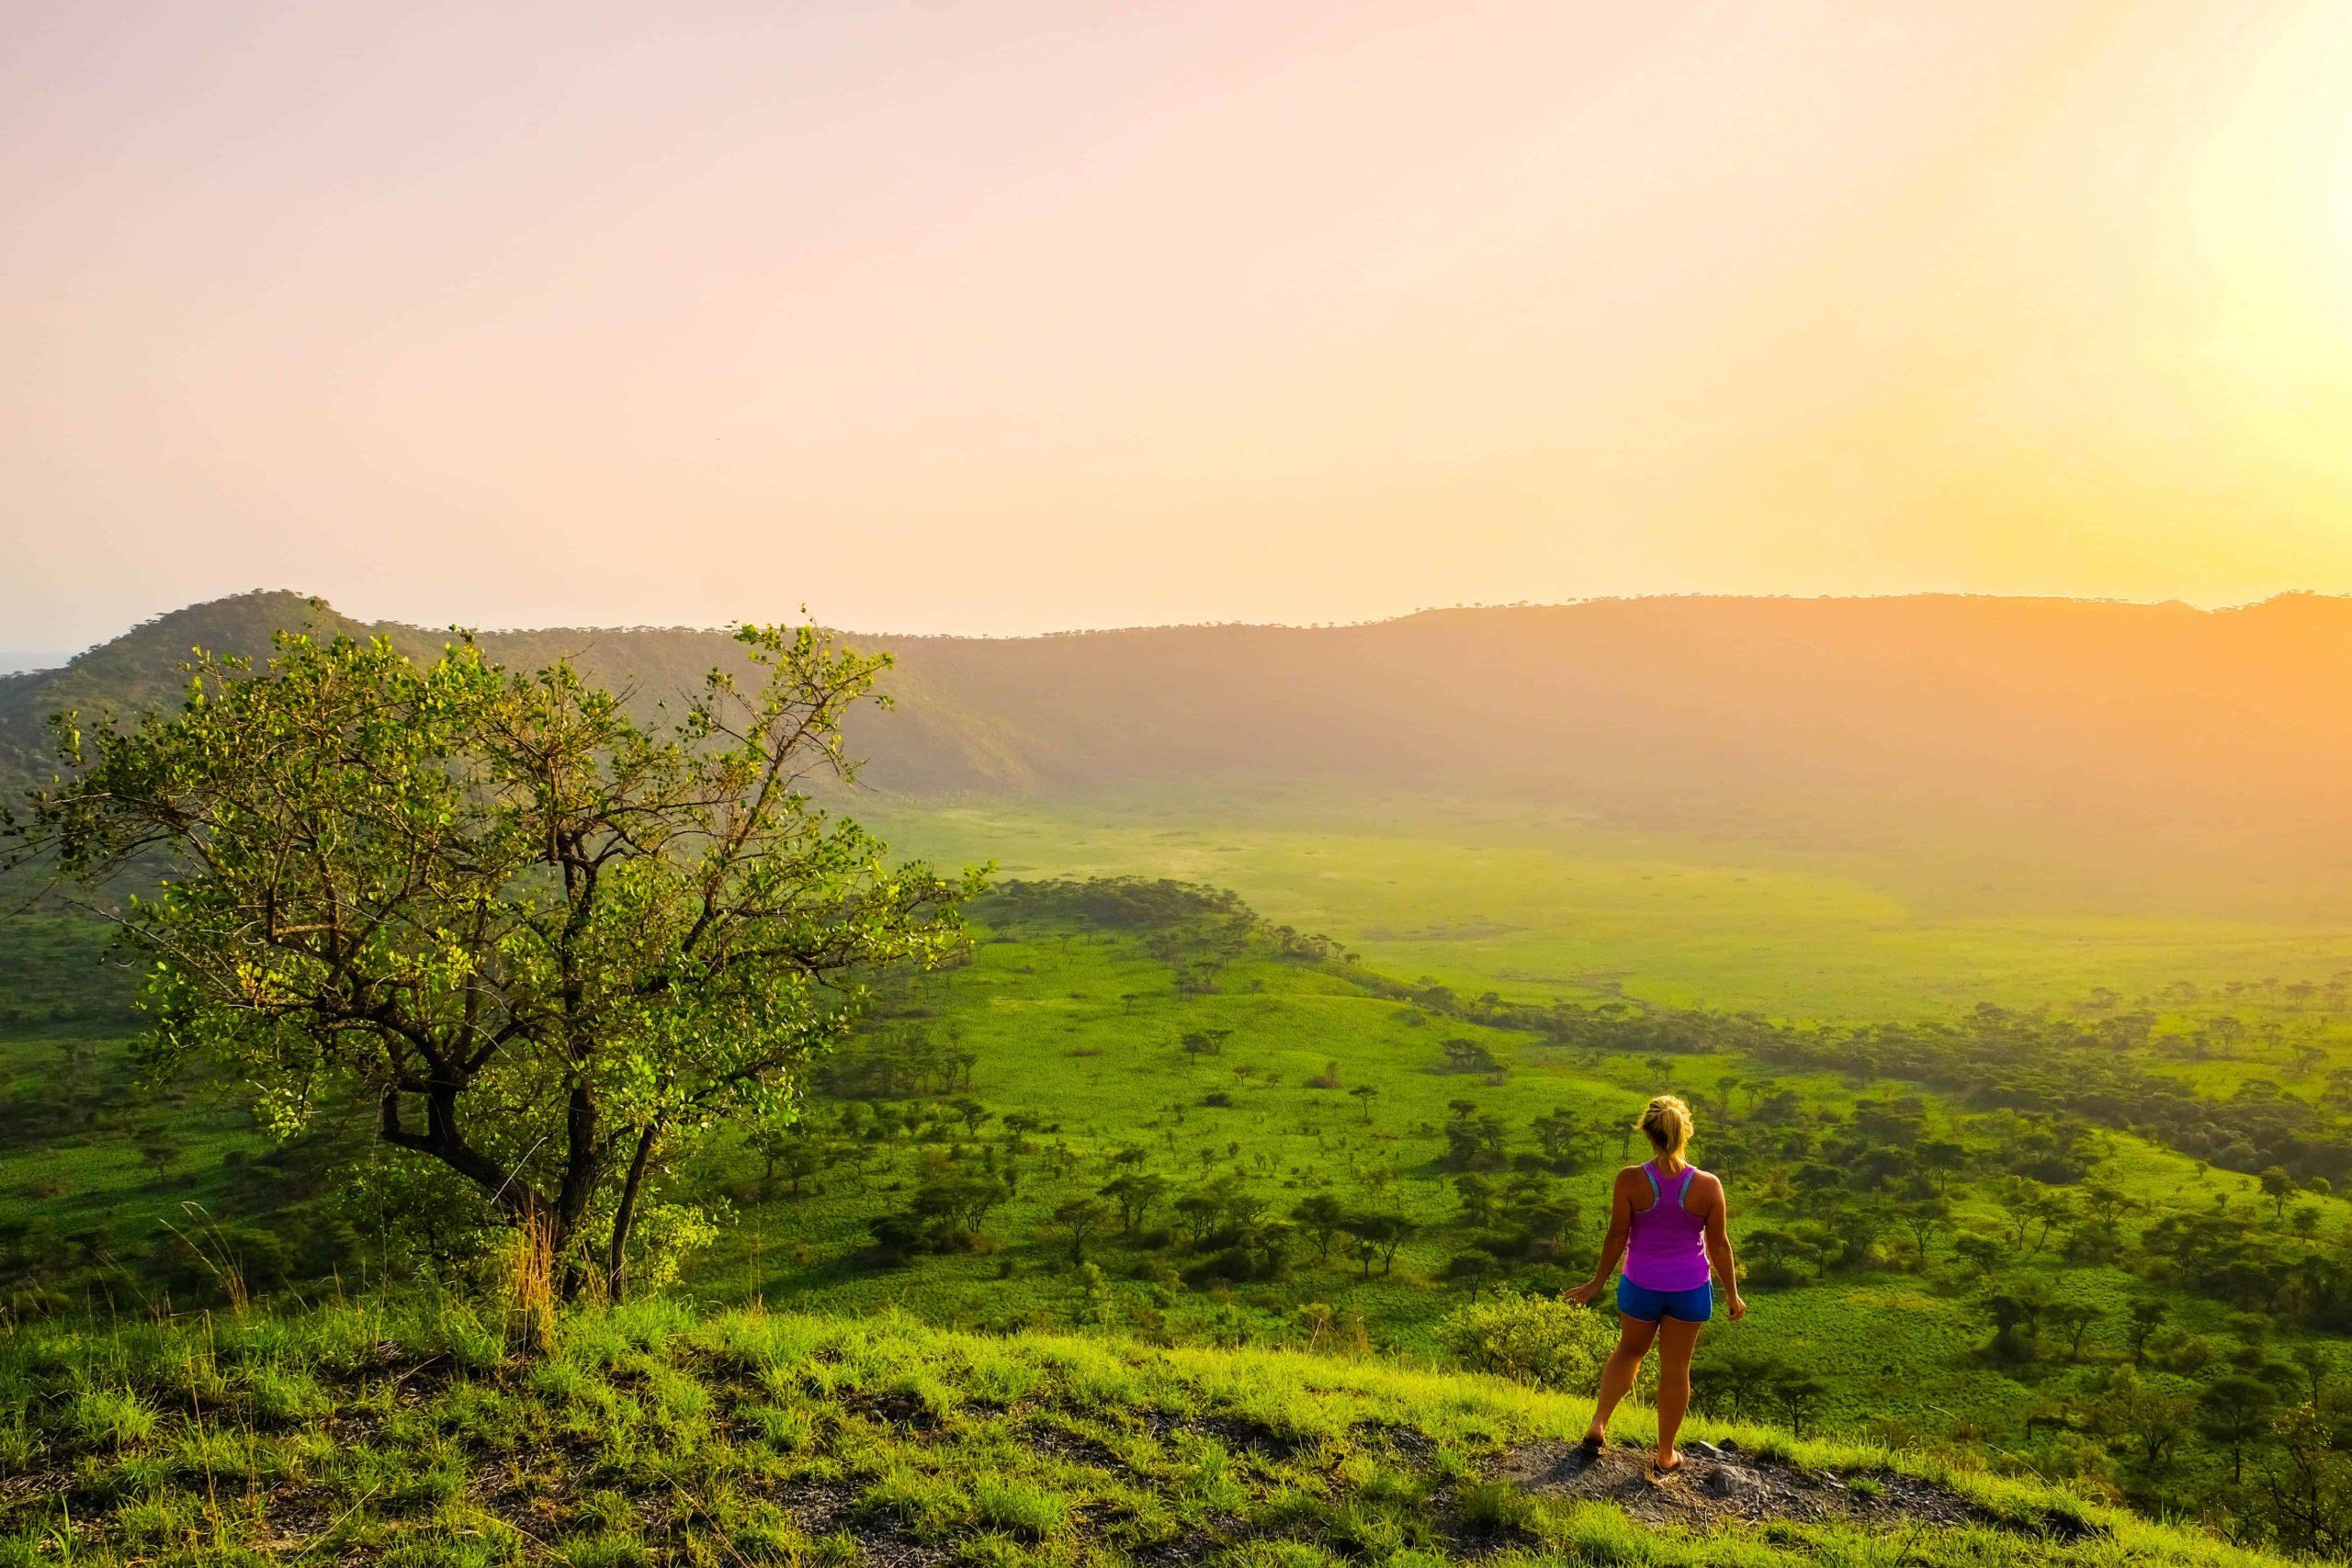 Sunset in Uganda